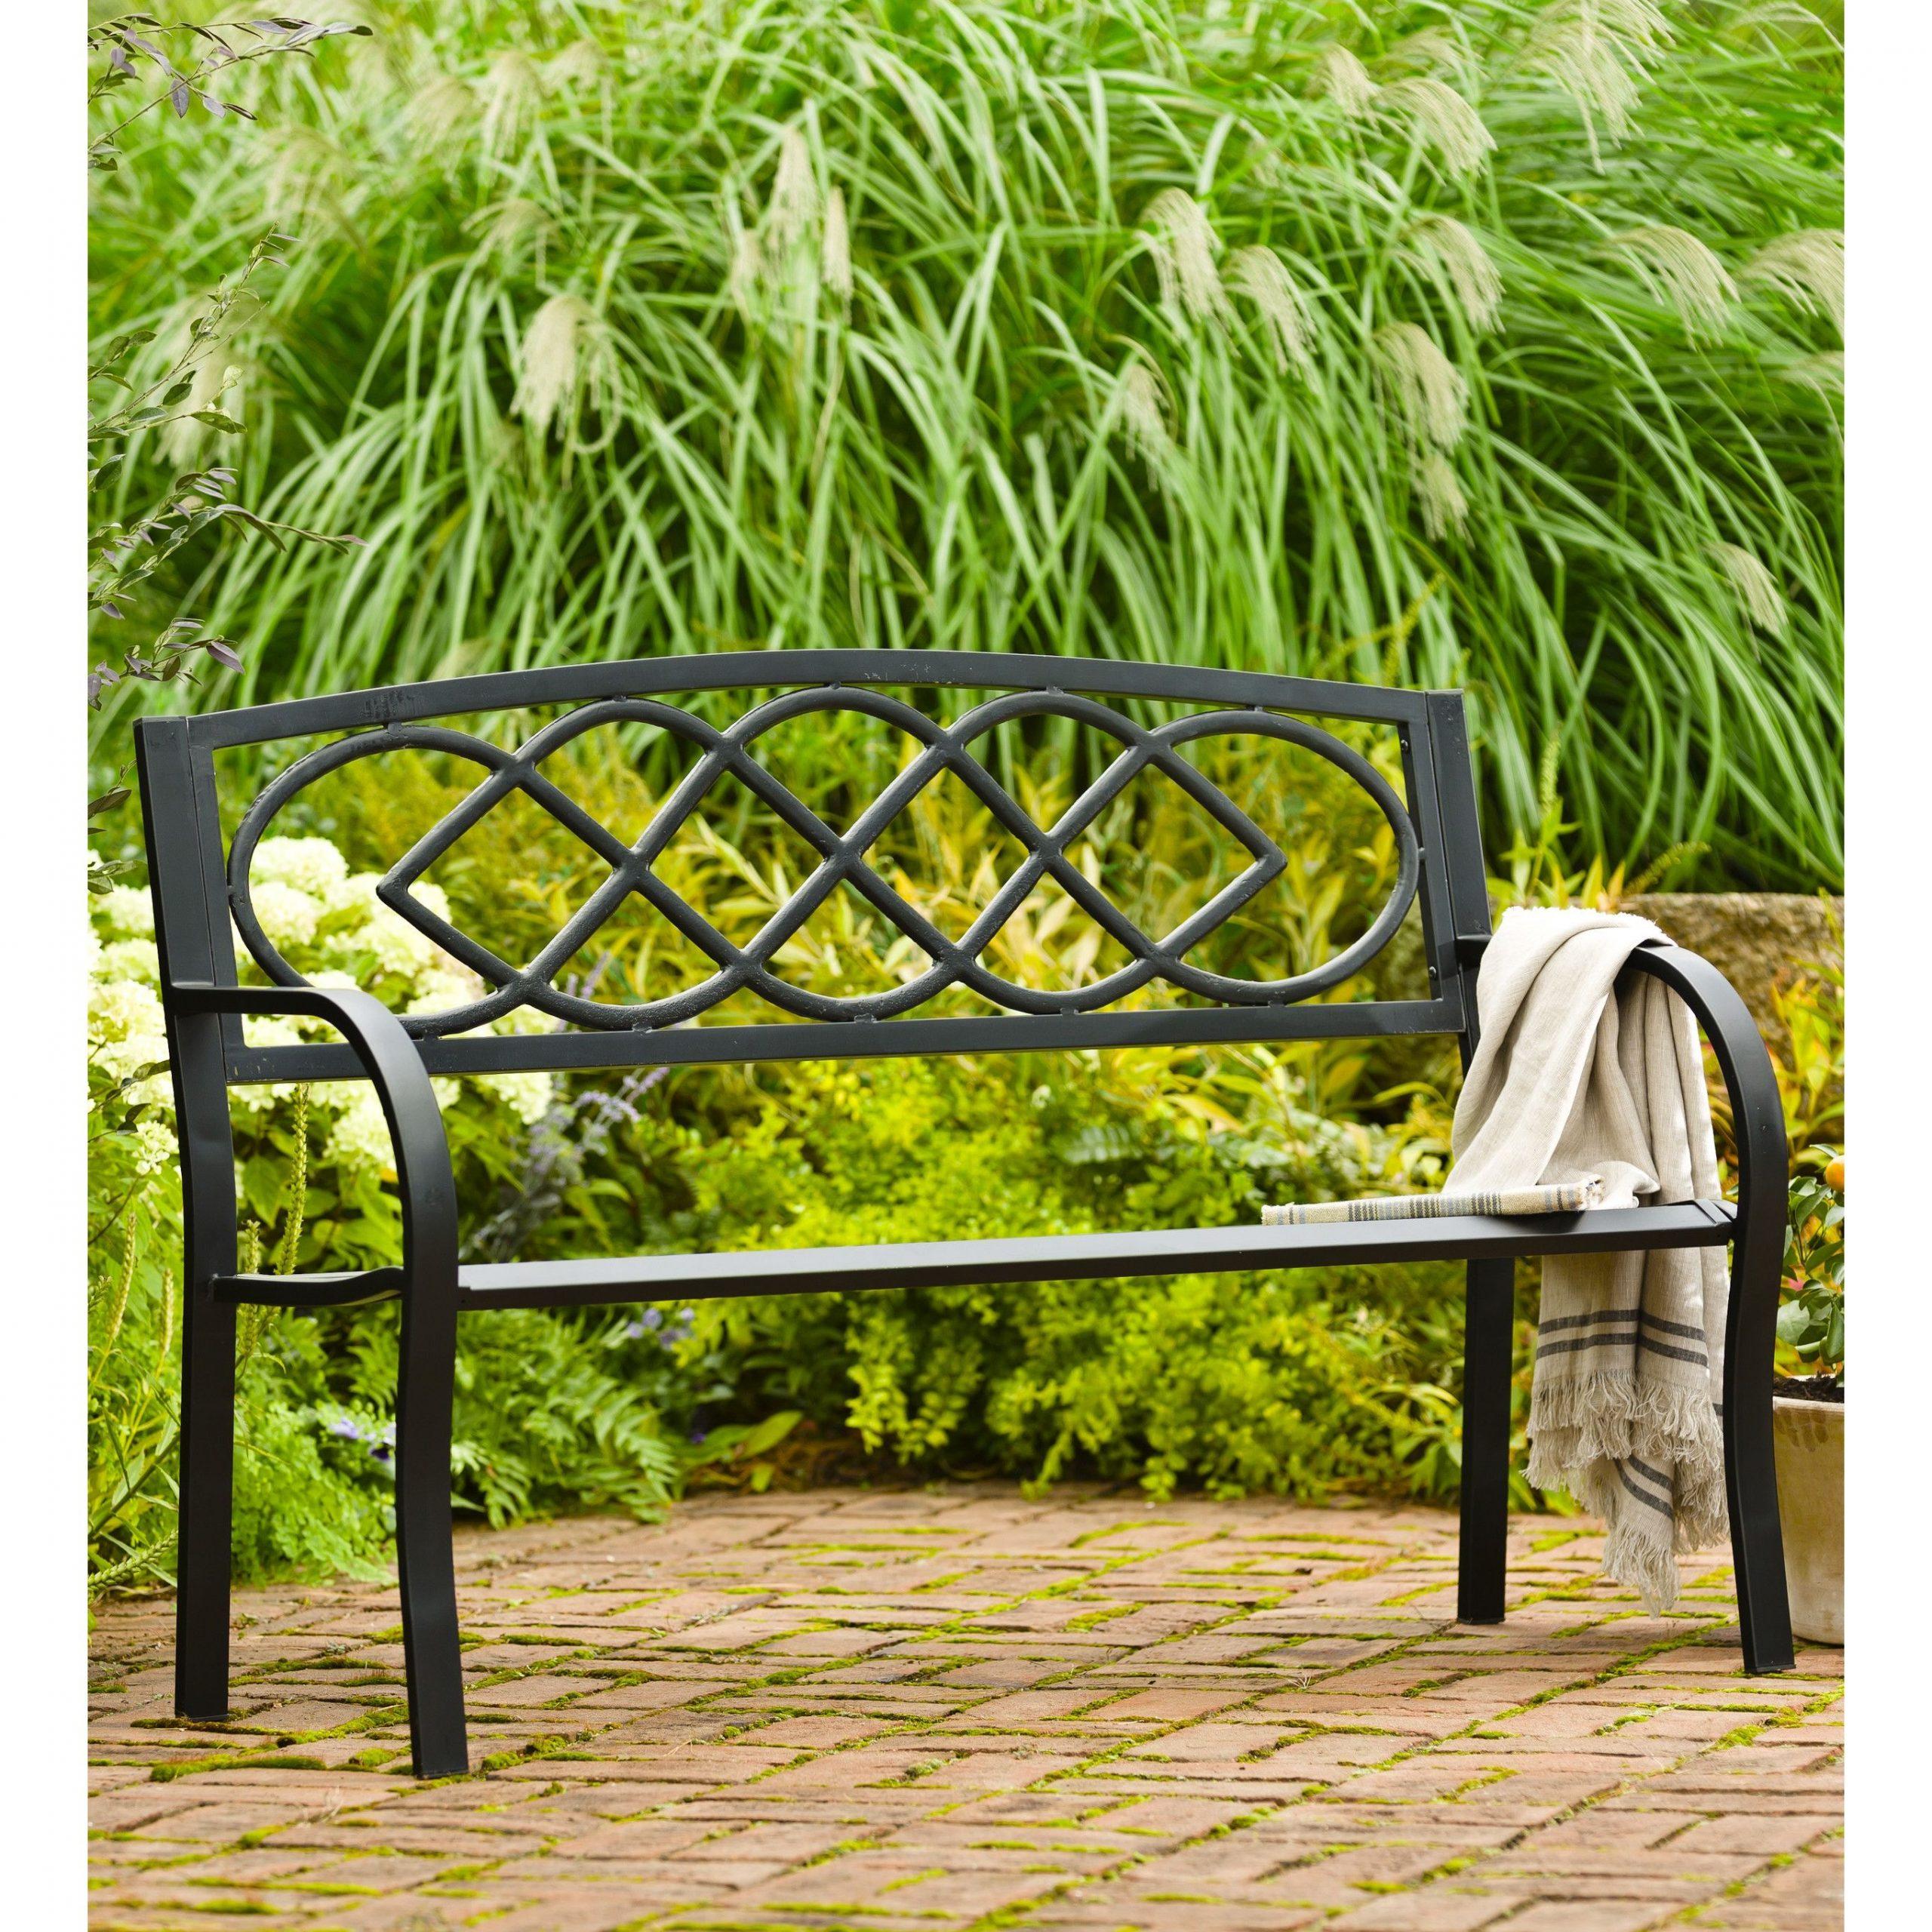 Celtic Knot Iron Garden Bench | Outdoor Garden Bench, Garden Within Celtic Knot Iron Garden Benches (Photo 2 of 25)